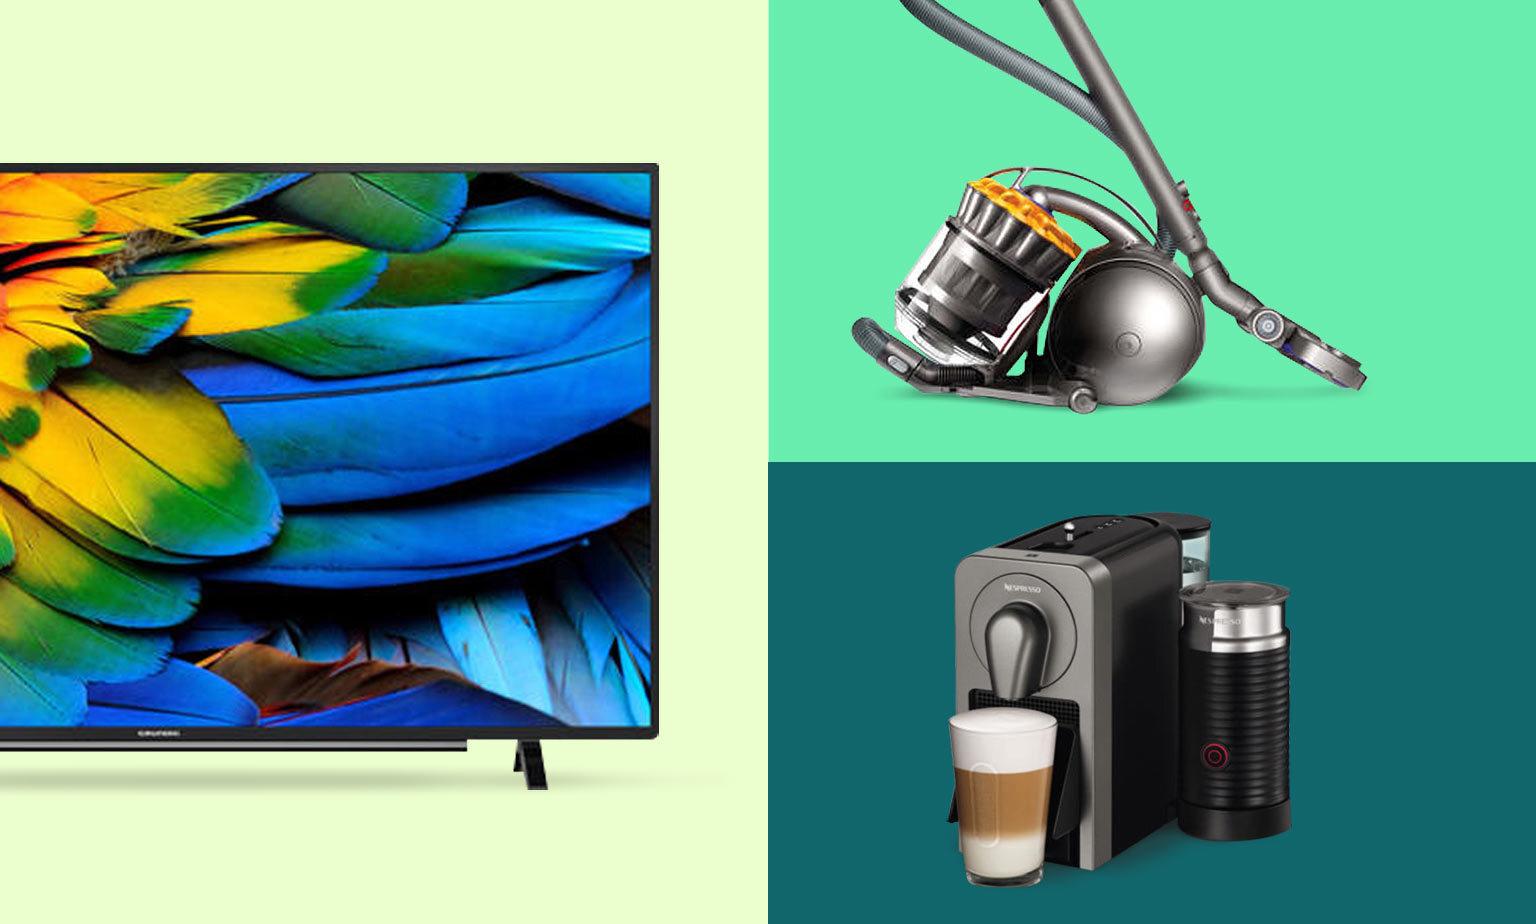 Bis zu -40% auf TVs, Staubsauger & Co. sparen